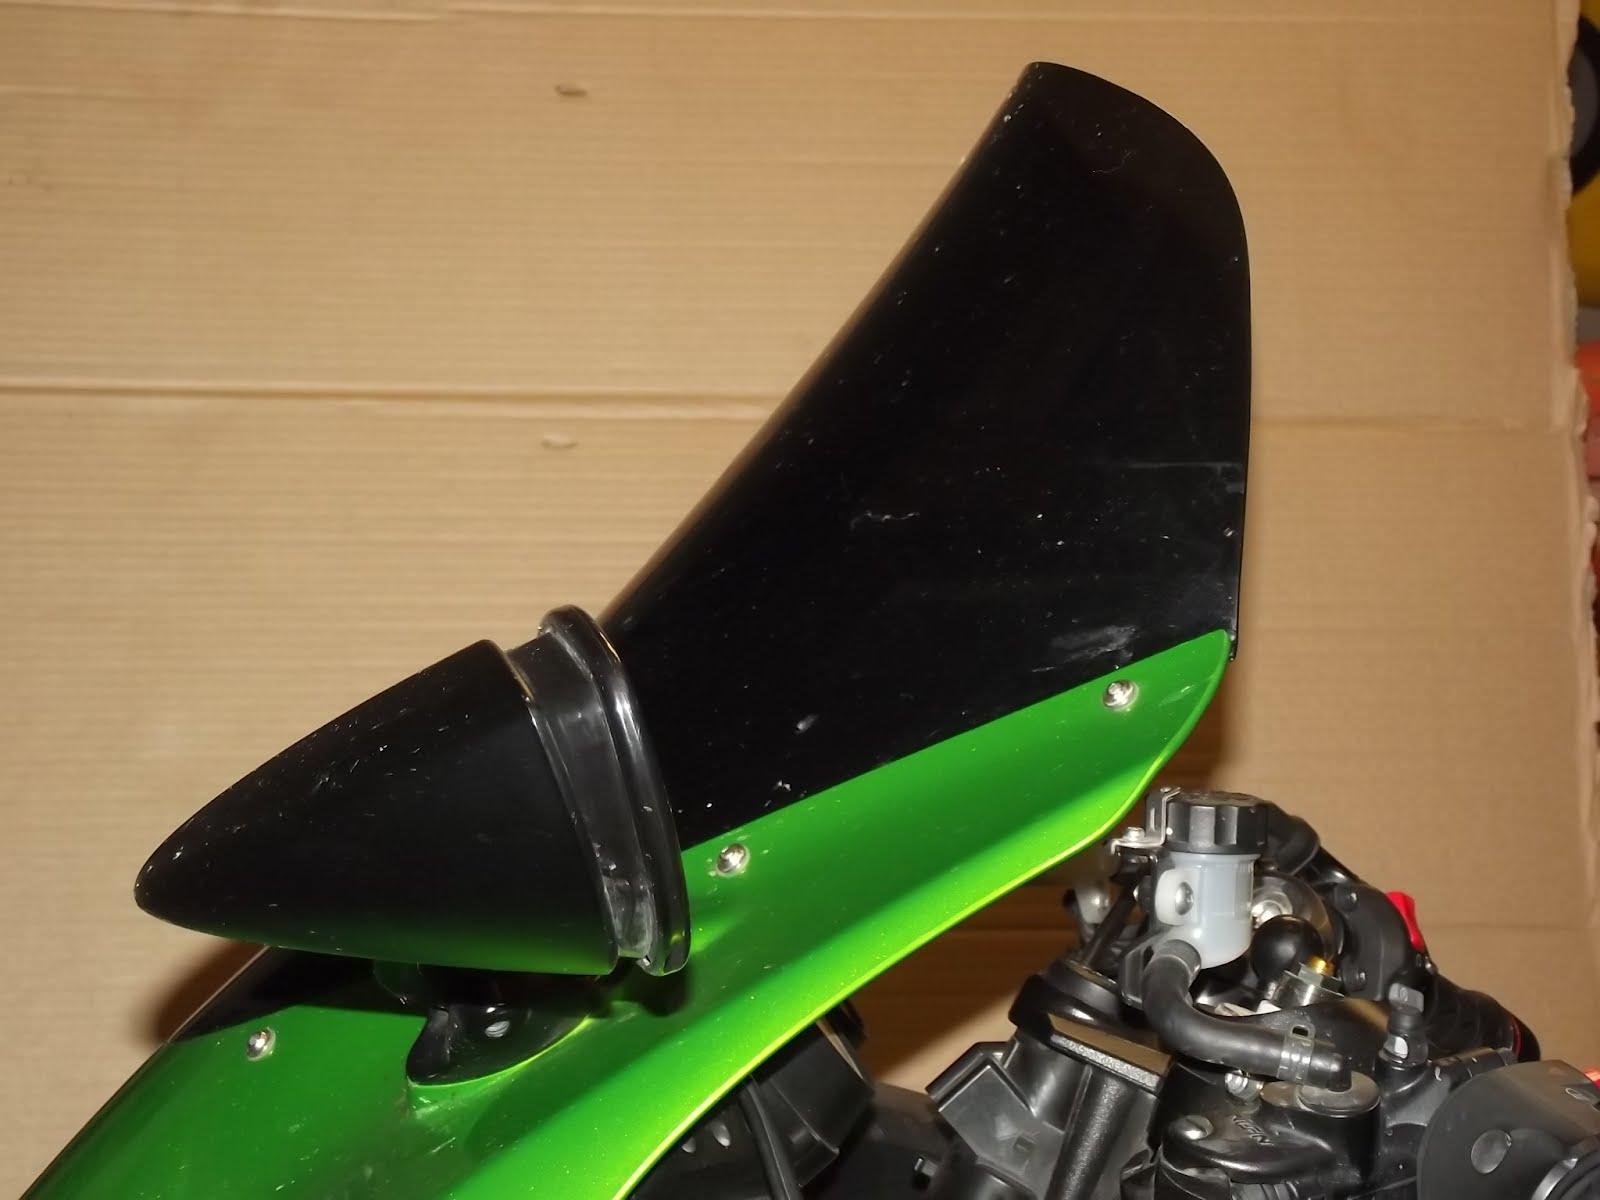 Erik's Motorcycle Trips: ZX-14 Comfort Modifications